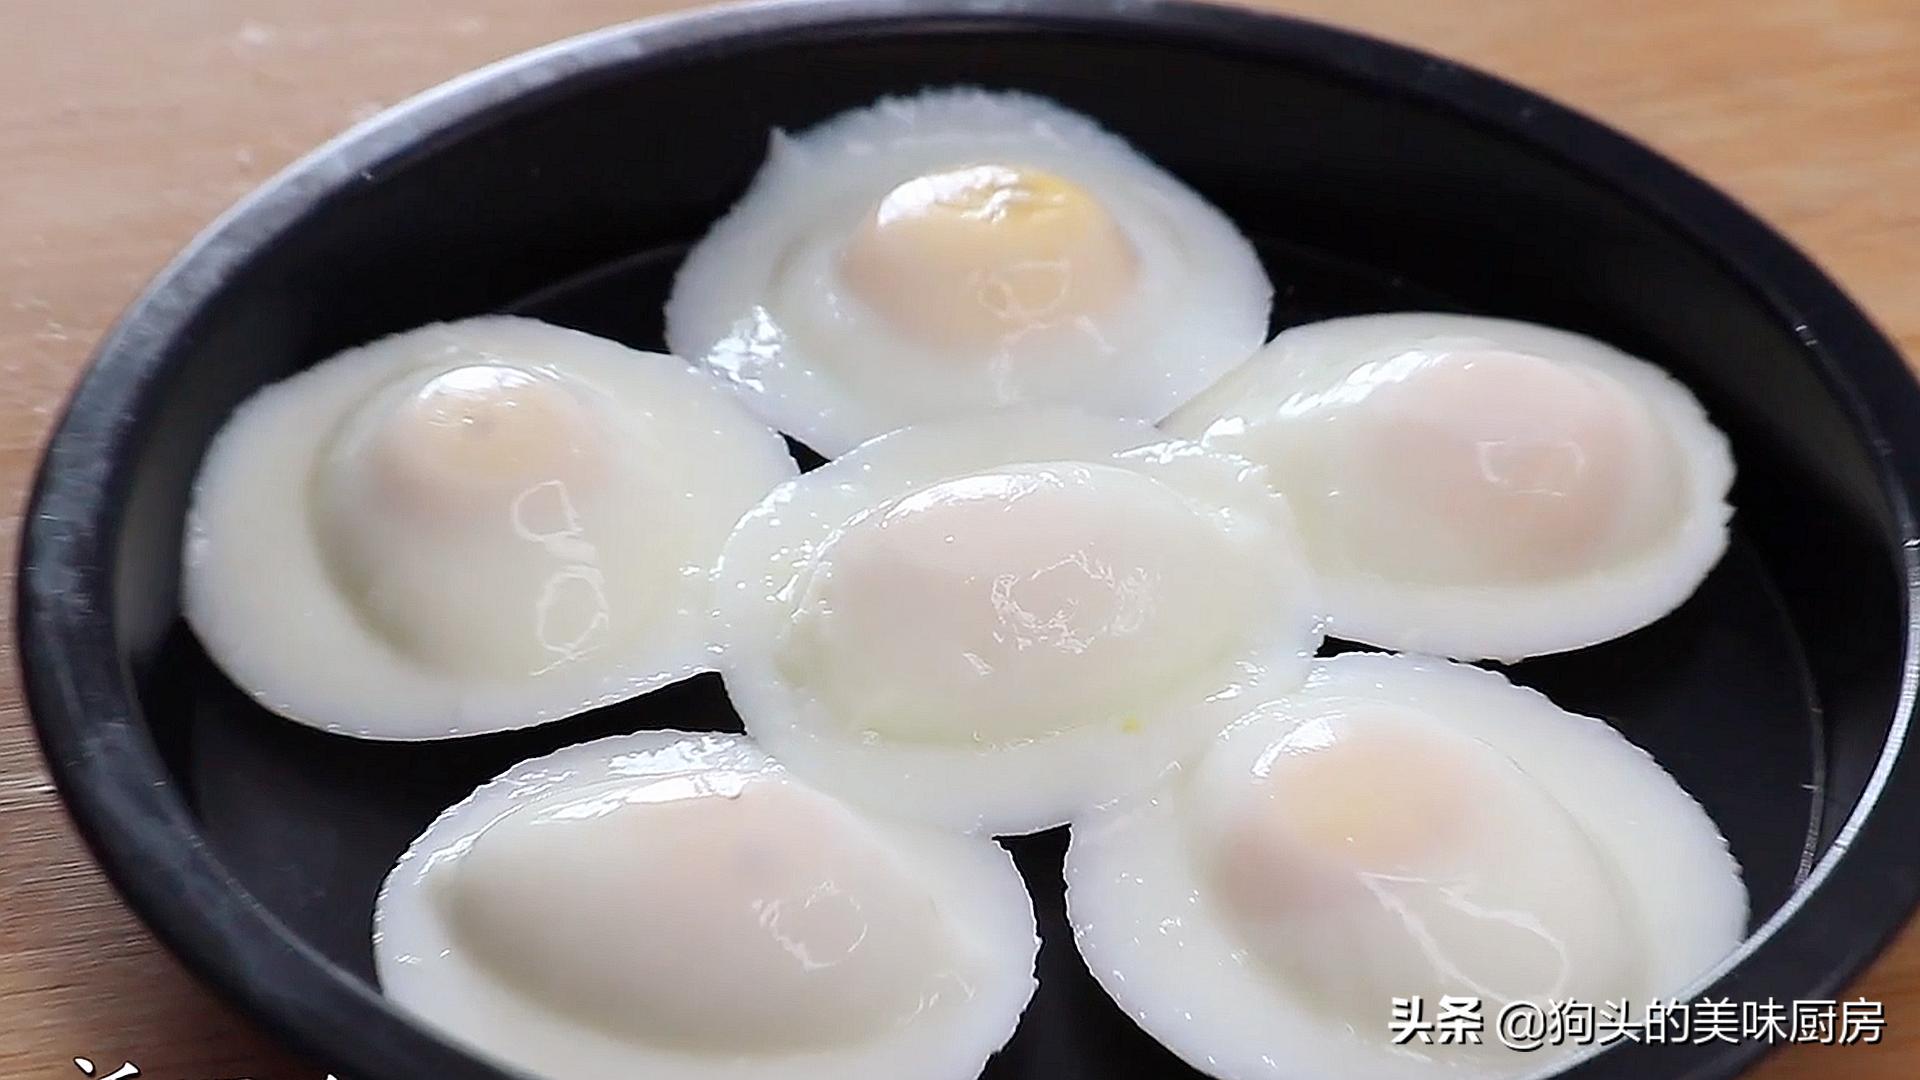 婆婆做的荷包蛋圆润不散,看了做法后,才知道方法用得不对 美食做法 第1张